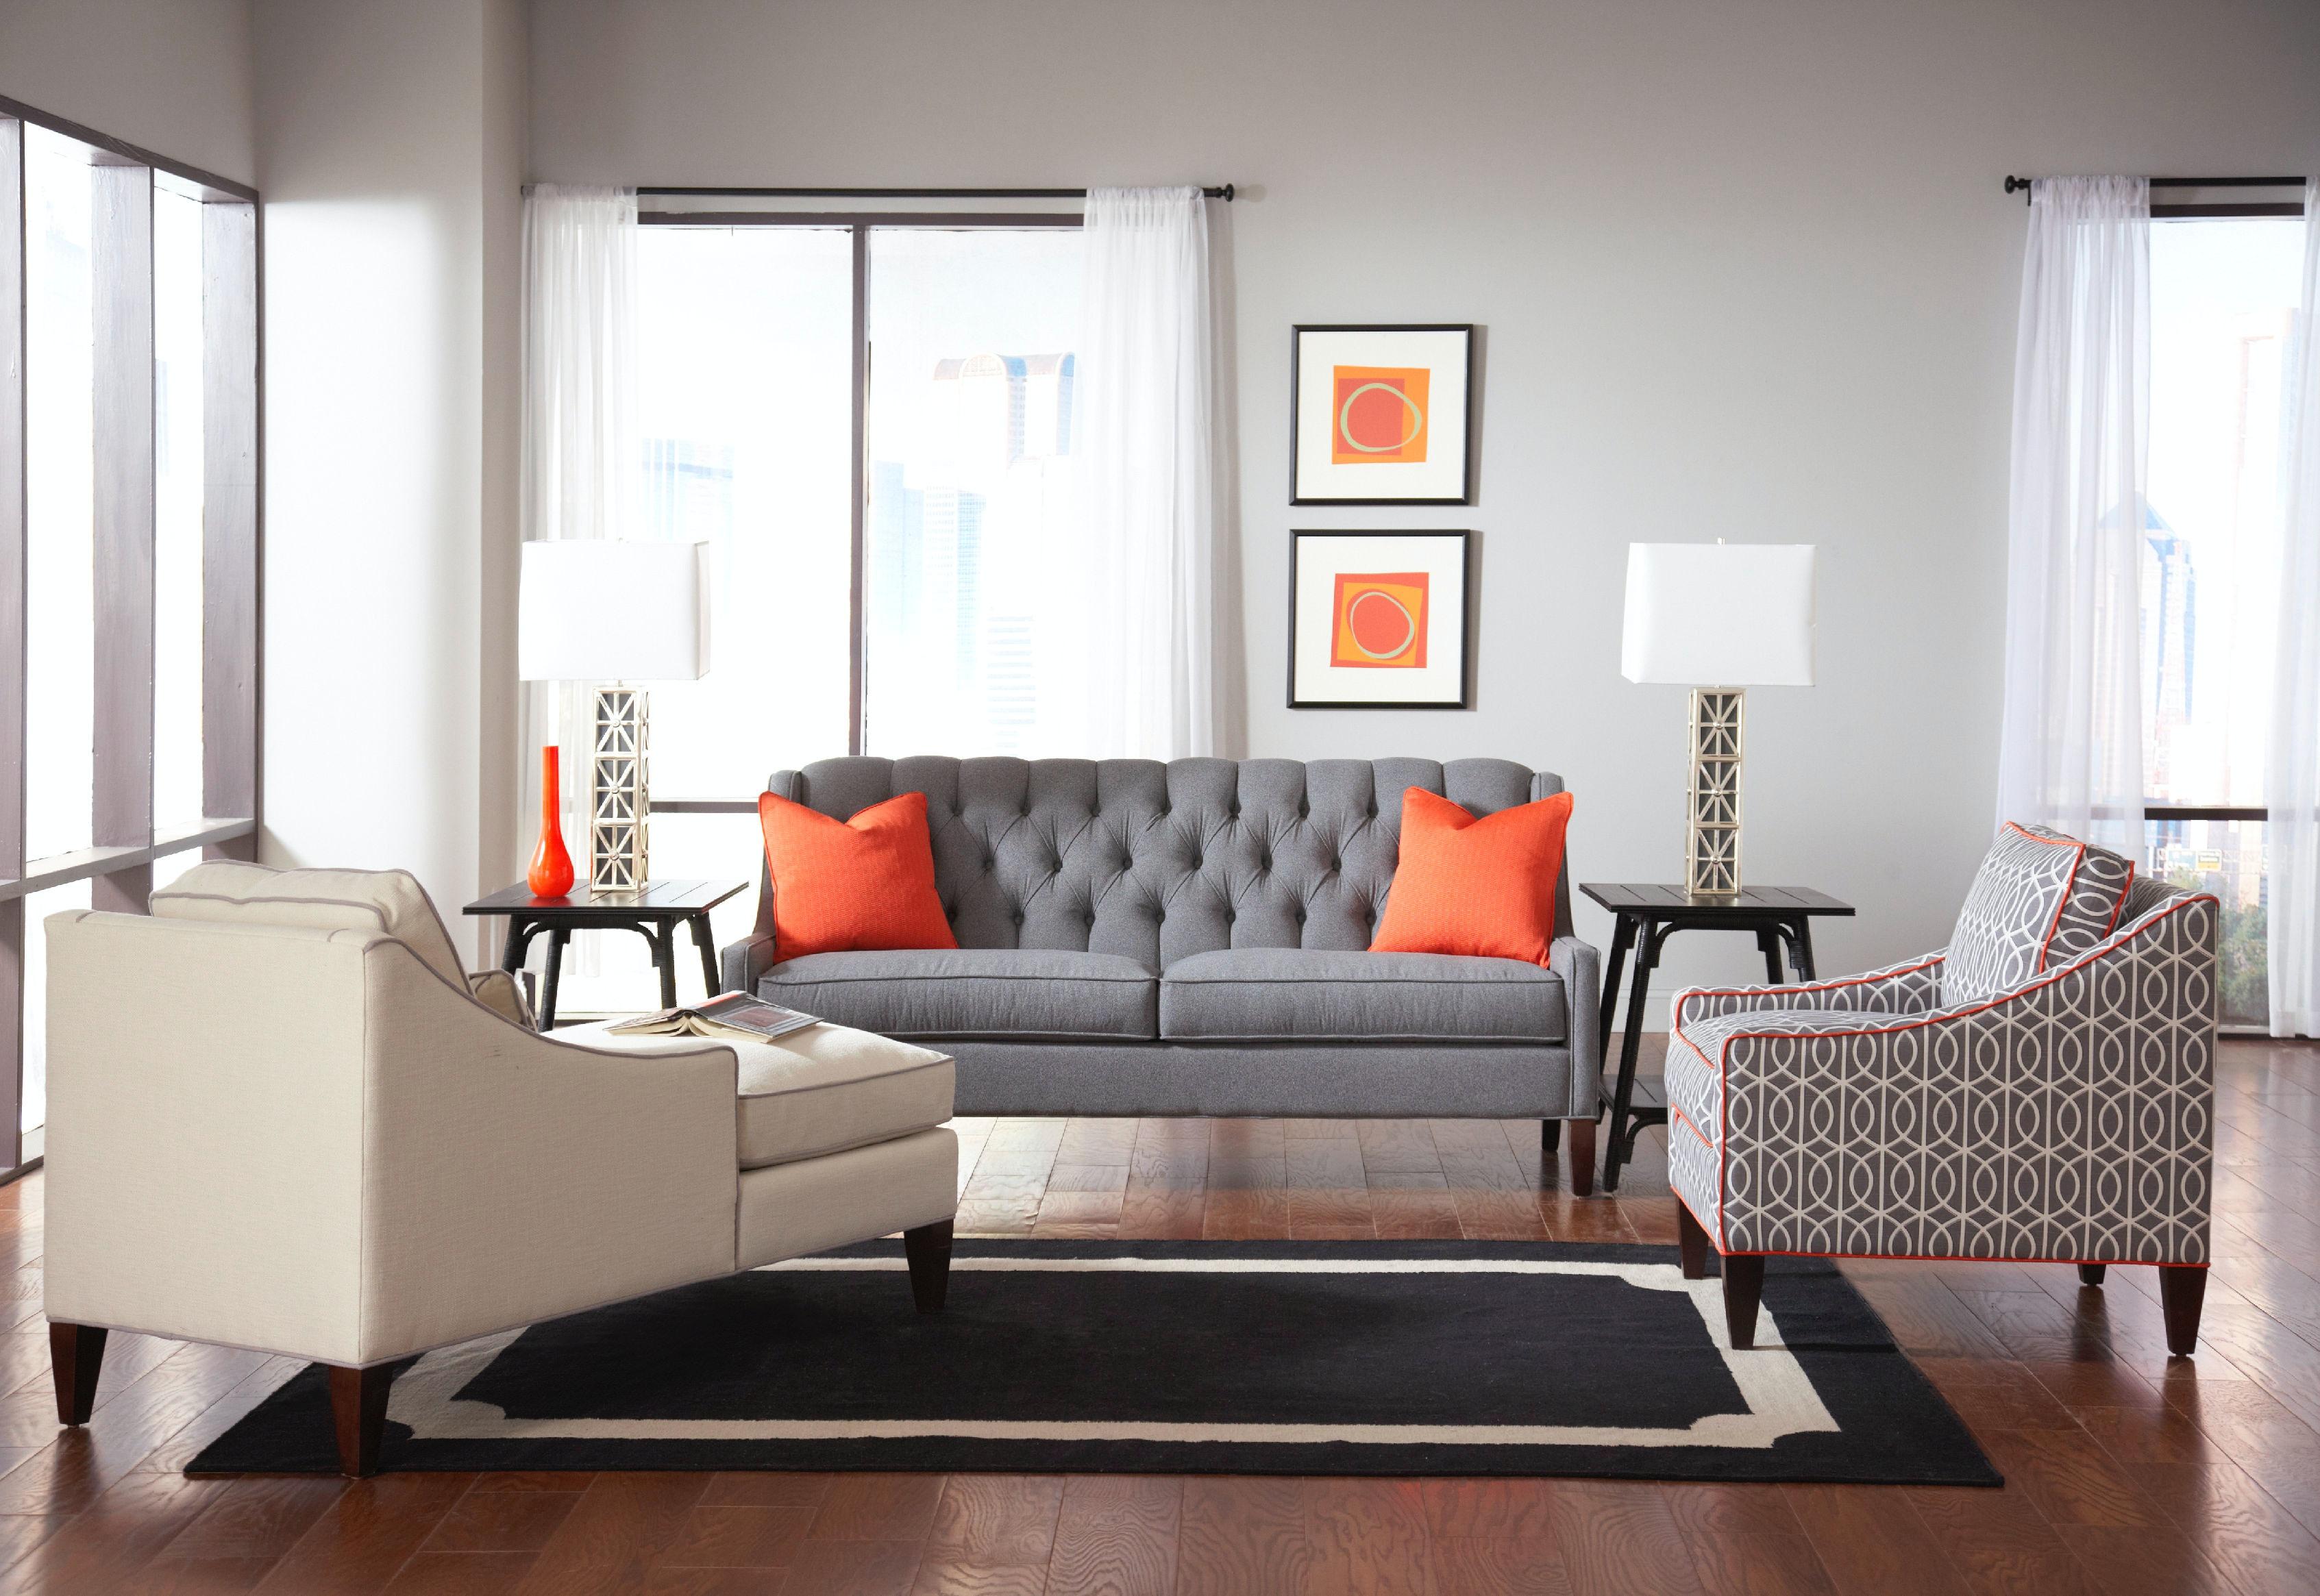 Braxton Culler Merrill Sofa 5734 011